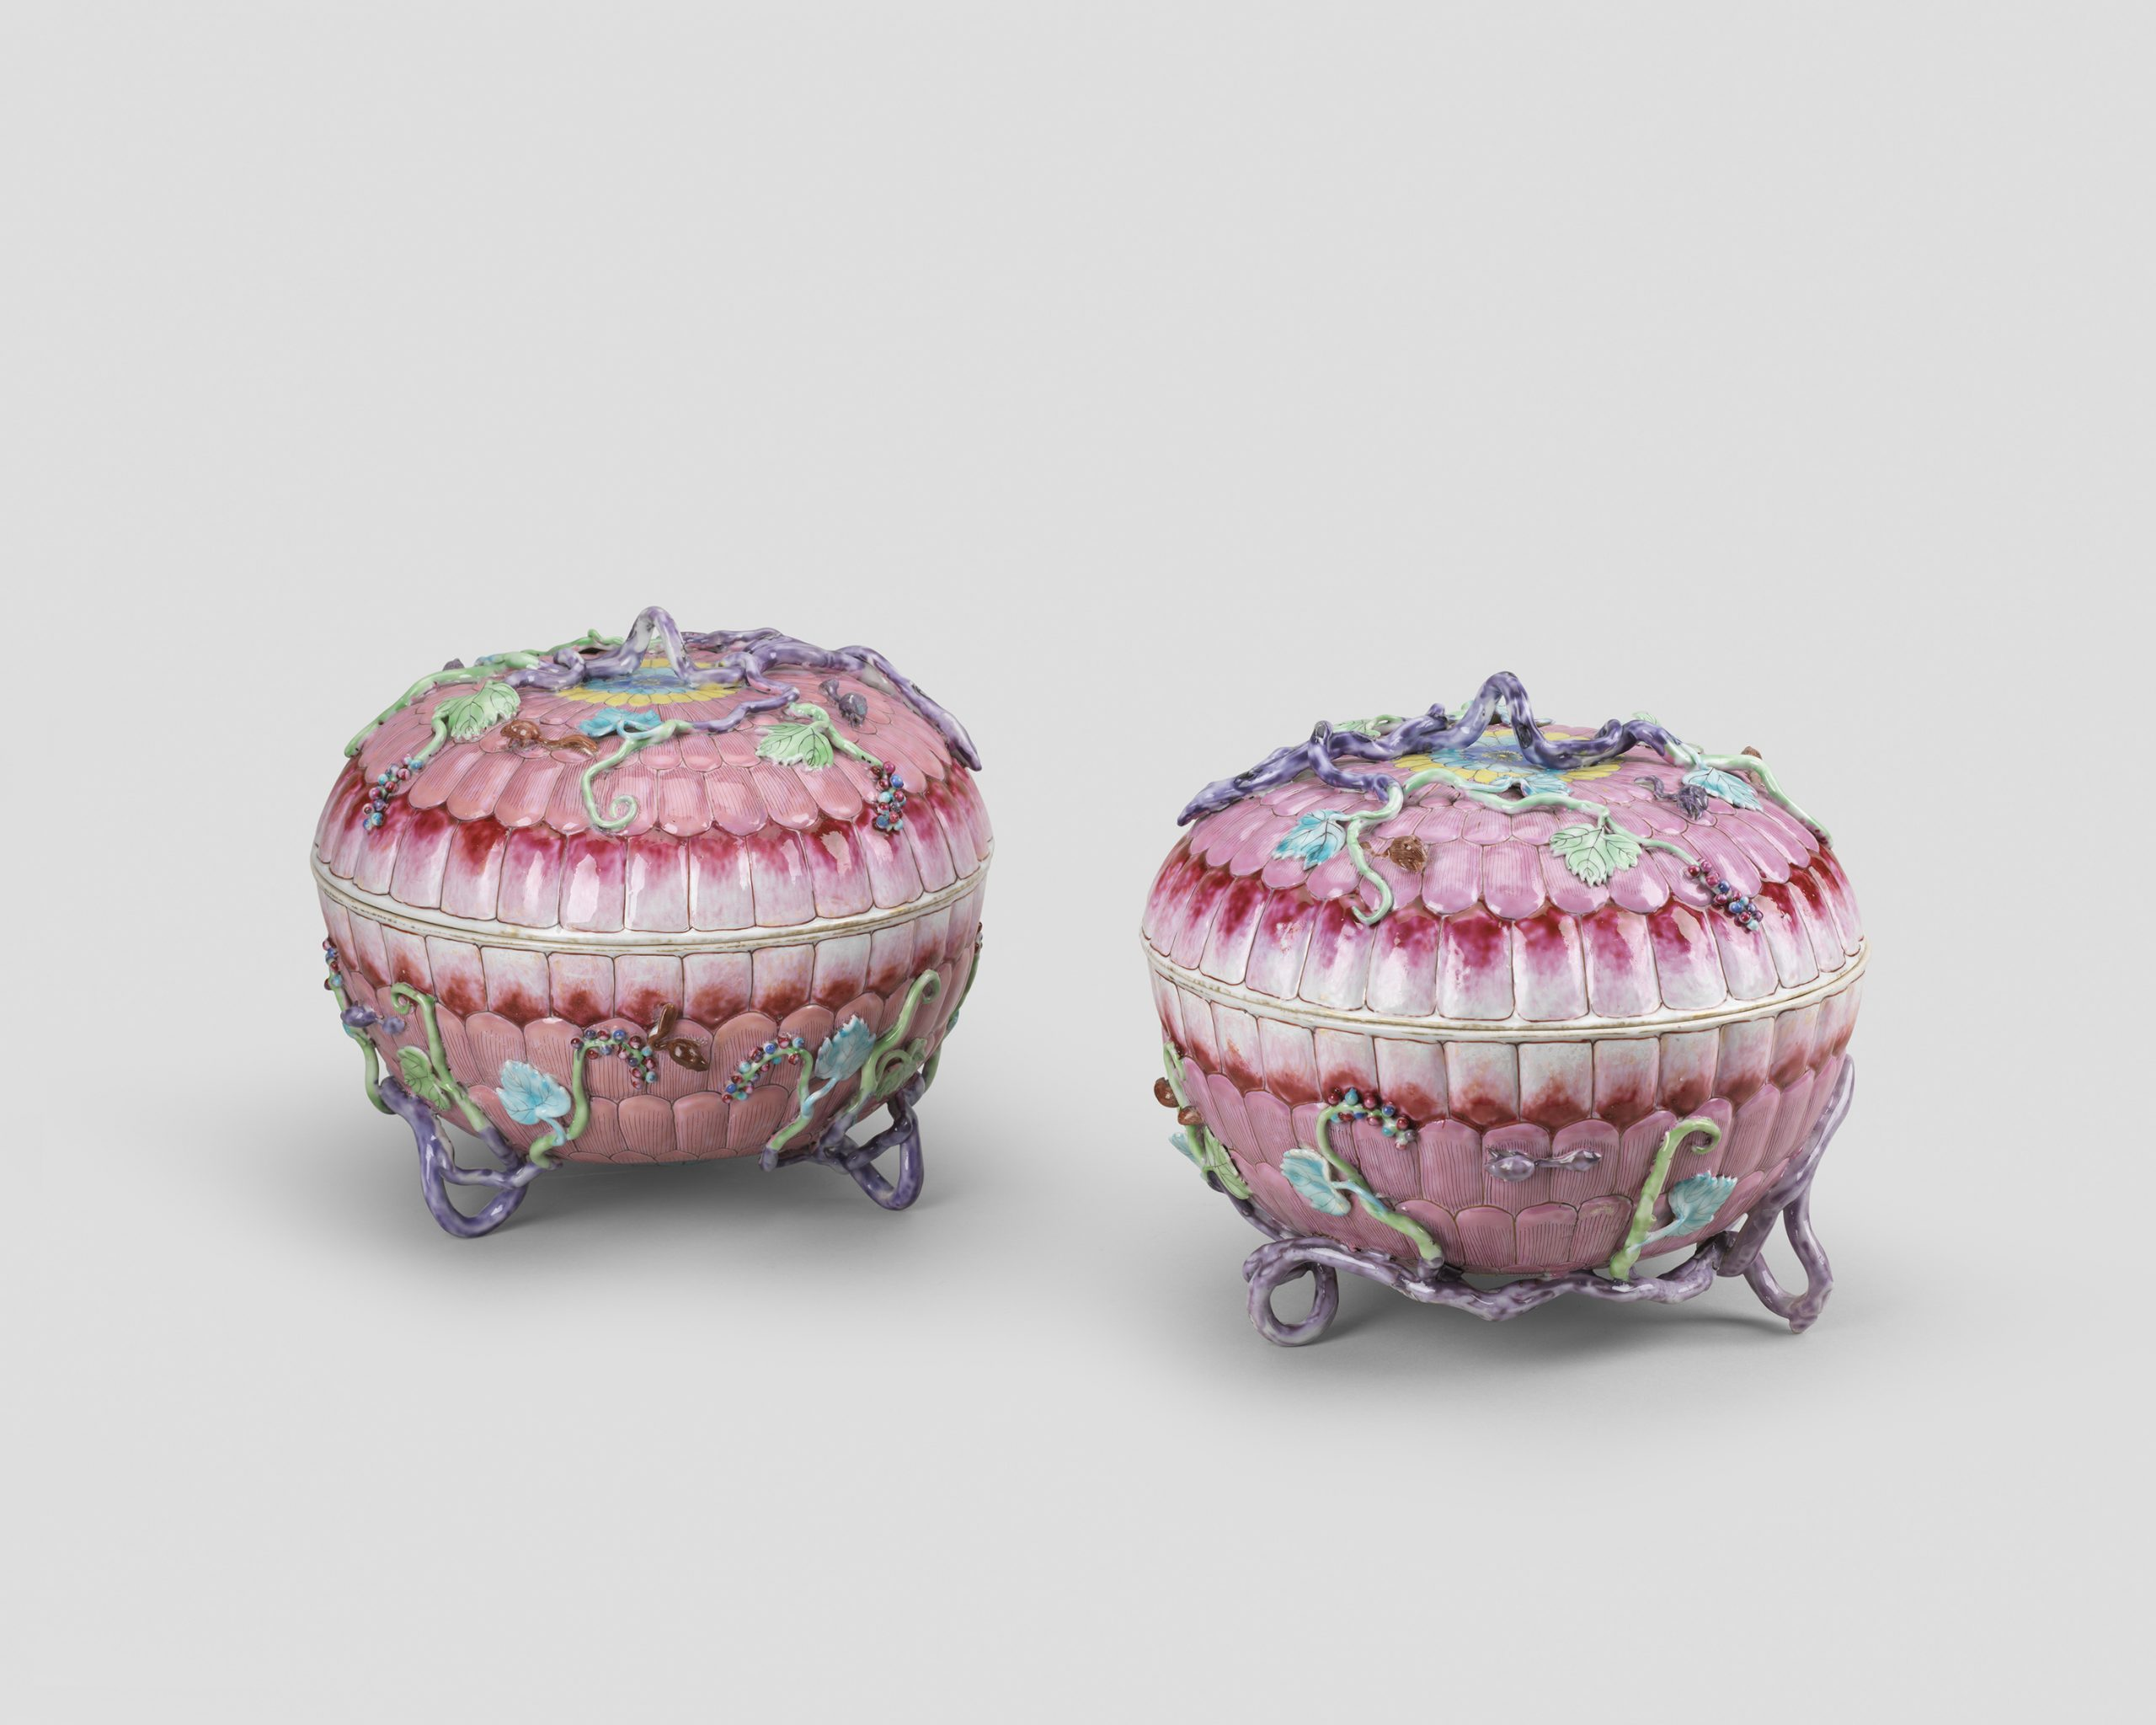 Fondazione Prada - The Porcelain Room